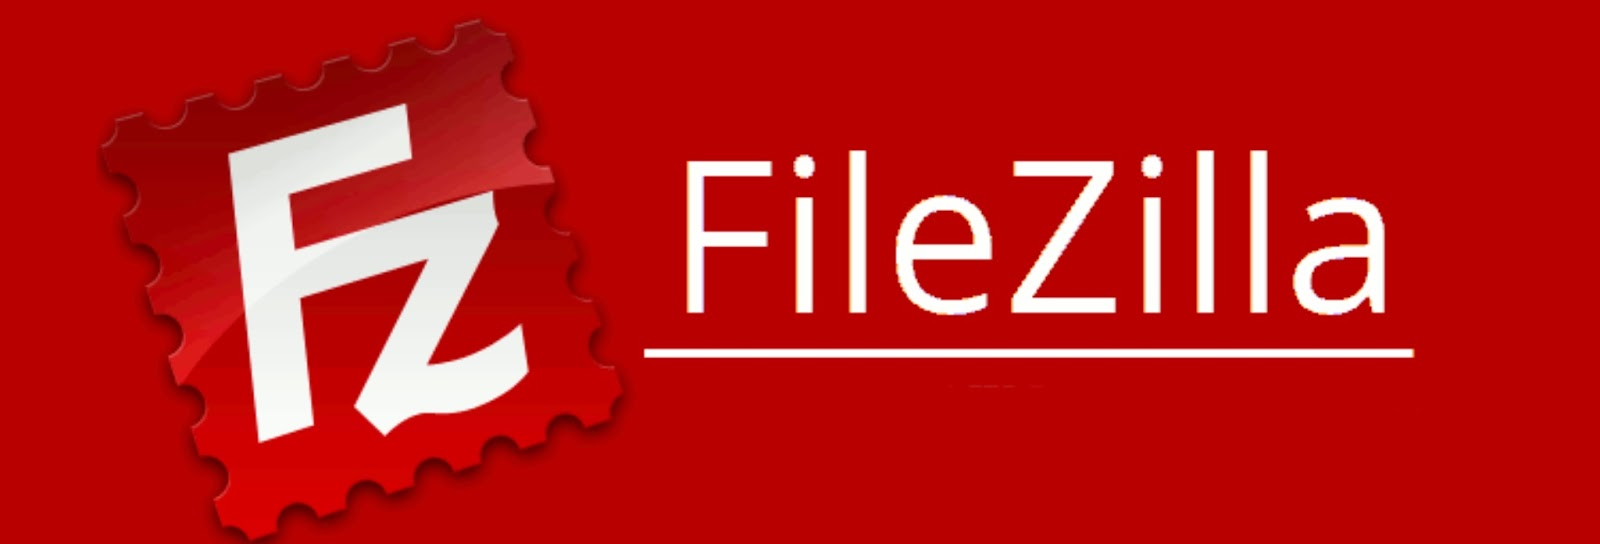 Comment Utiliser Filezilla ? Tutoriel, démarche complète | Vidéo 1